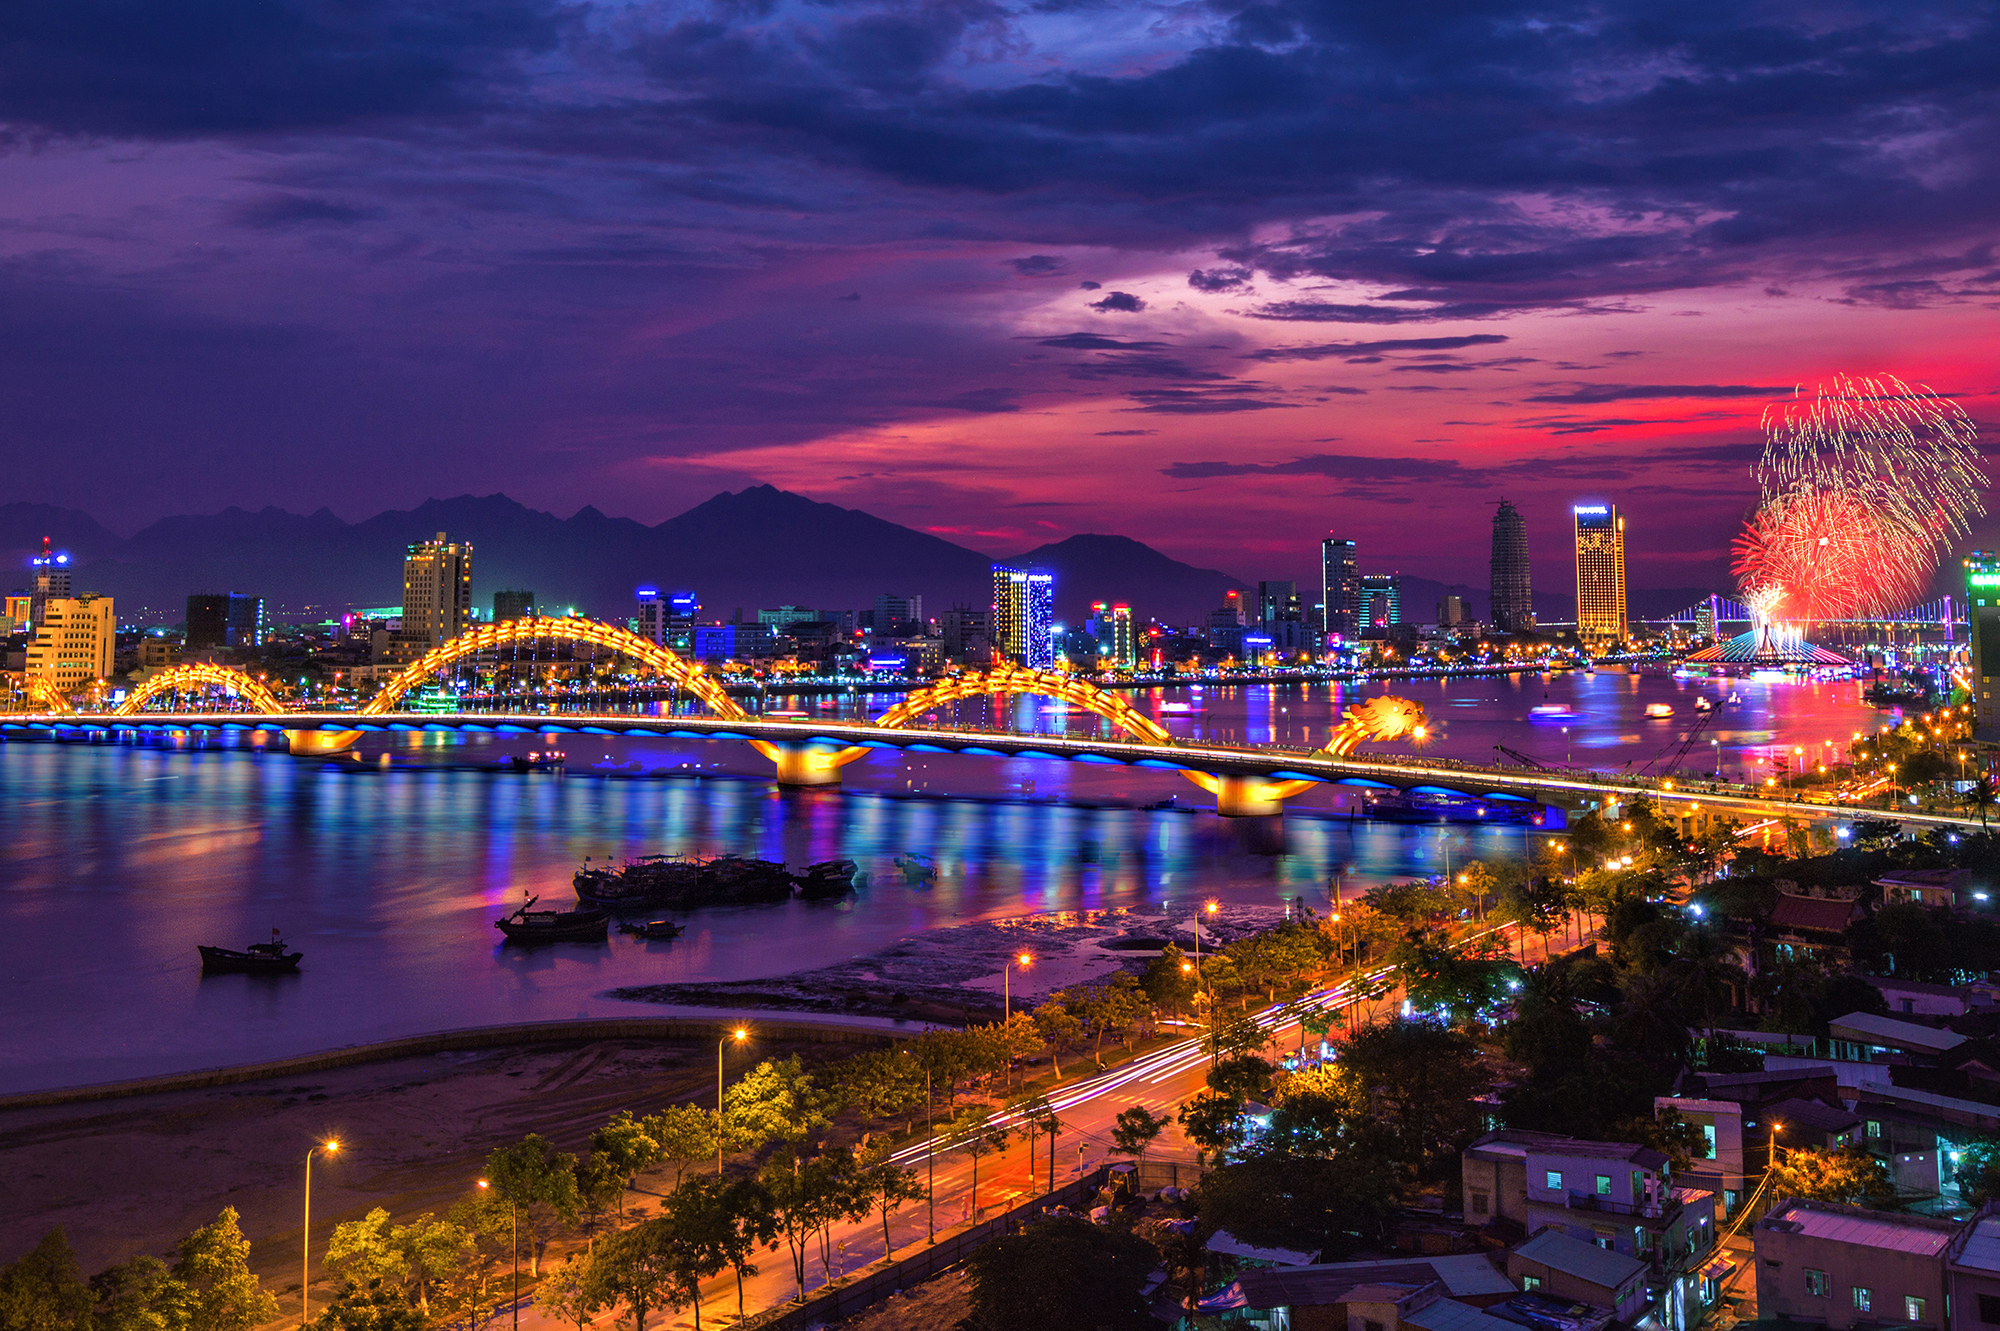 Năm 2012 - Đà Nẵng là đô thị đầu tiên định hướng xây dựng Smart City, ký hợp tác với tập đoàn công nghệ IBM, sau này đơn vị thực hiện là tập đoàn Viettel.